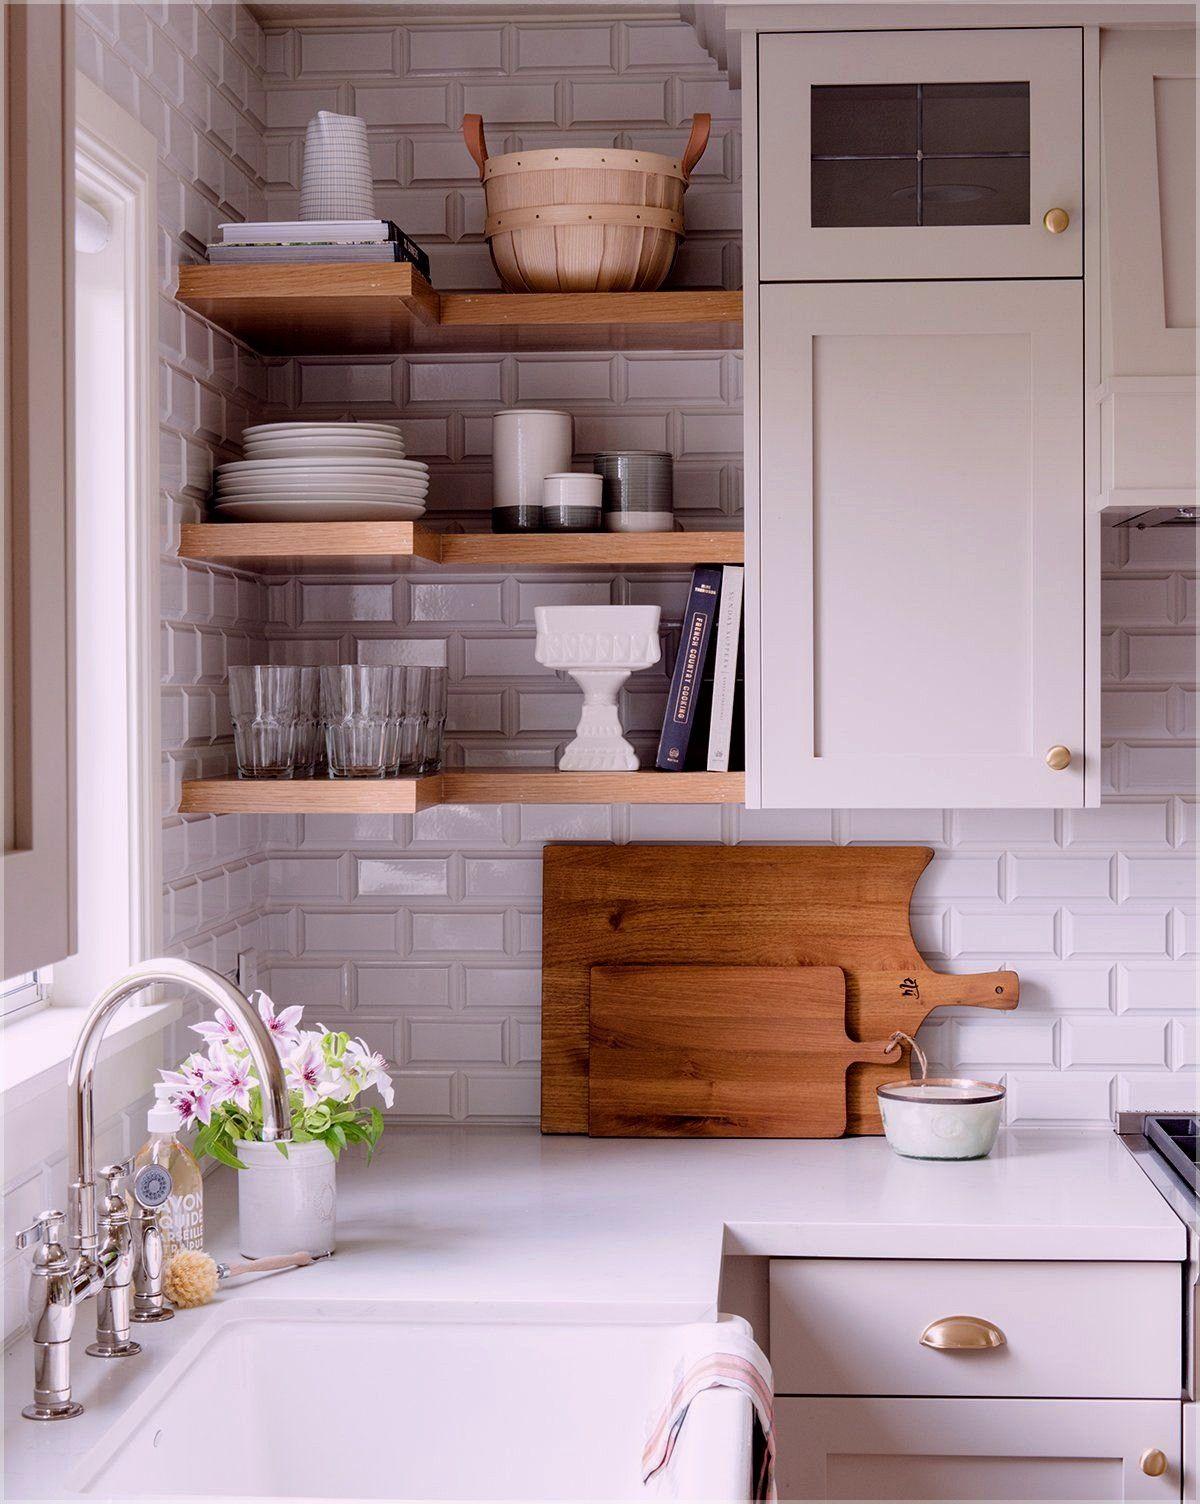 Ikea Kitchen Cupboard Storage Shelves Storage Ideas For Small Indian Kitchen Kitchen S Kitchen Remodel Small Kitchen Remodeling Projects Kitchen Design Small